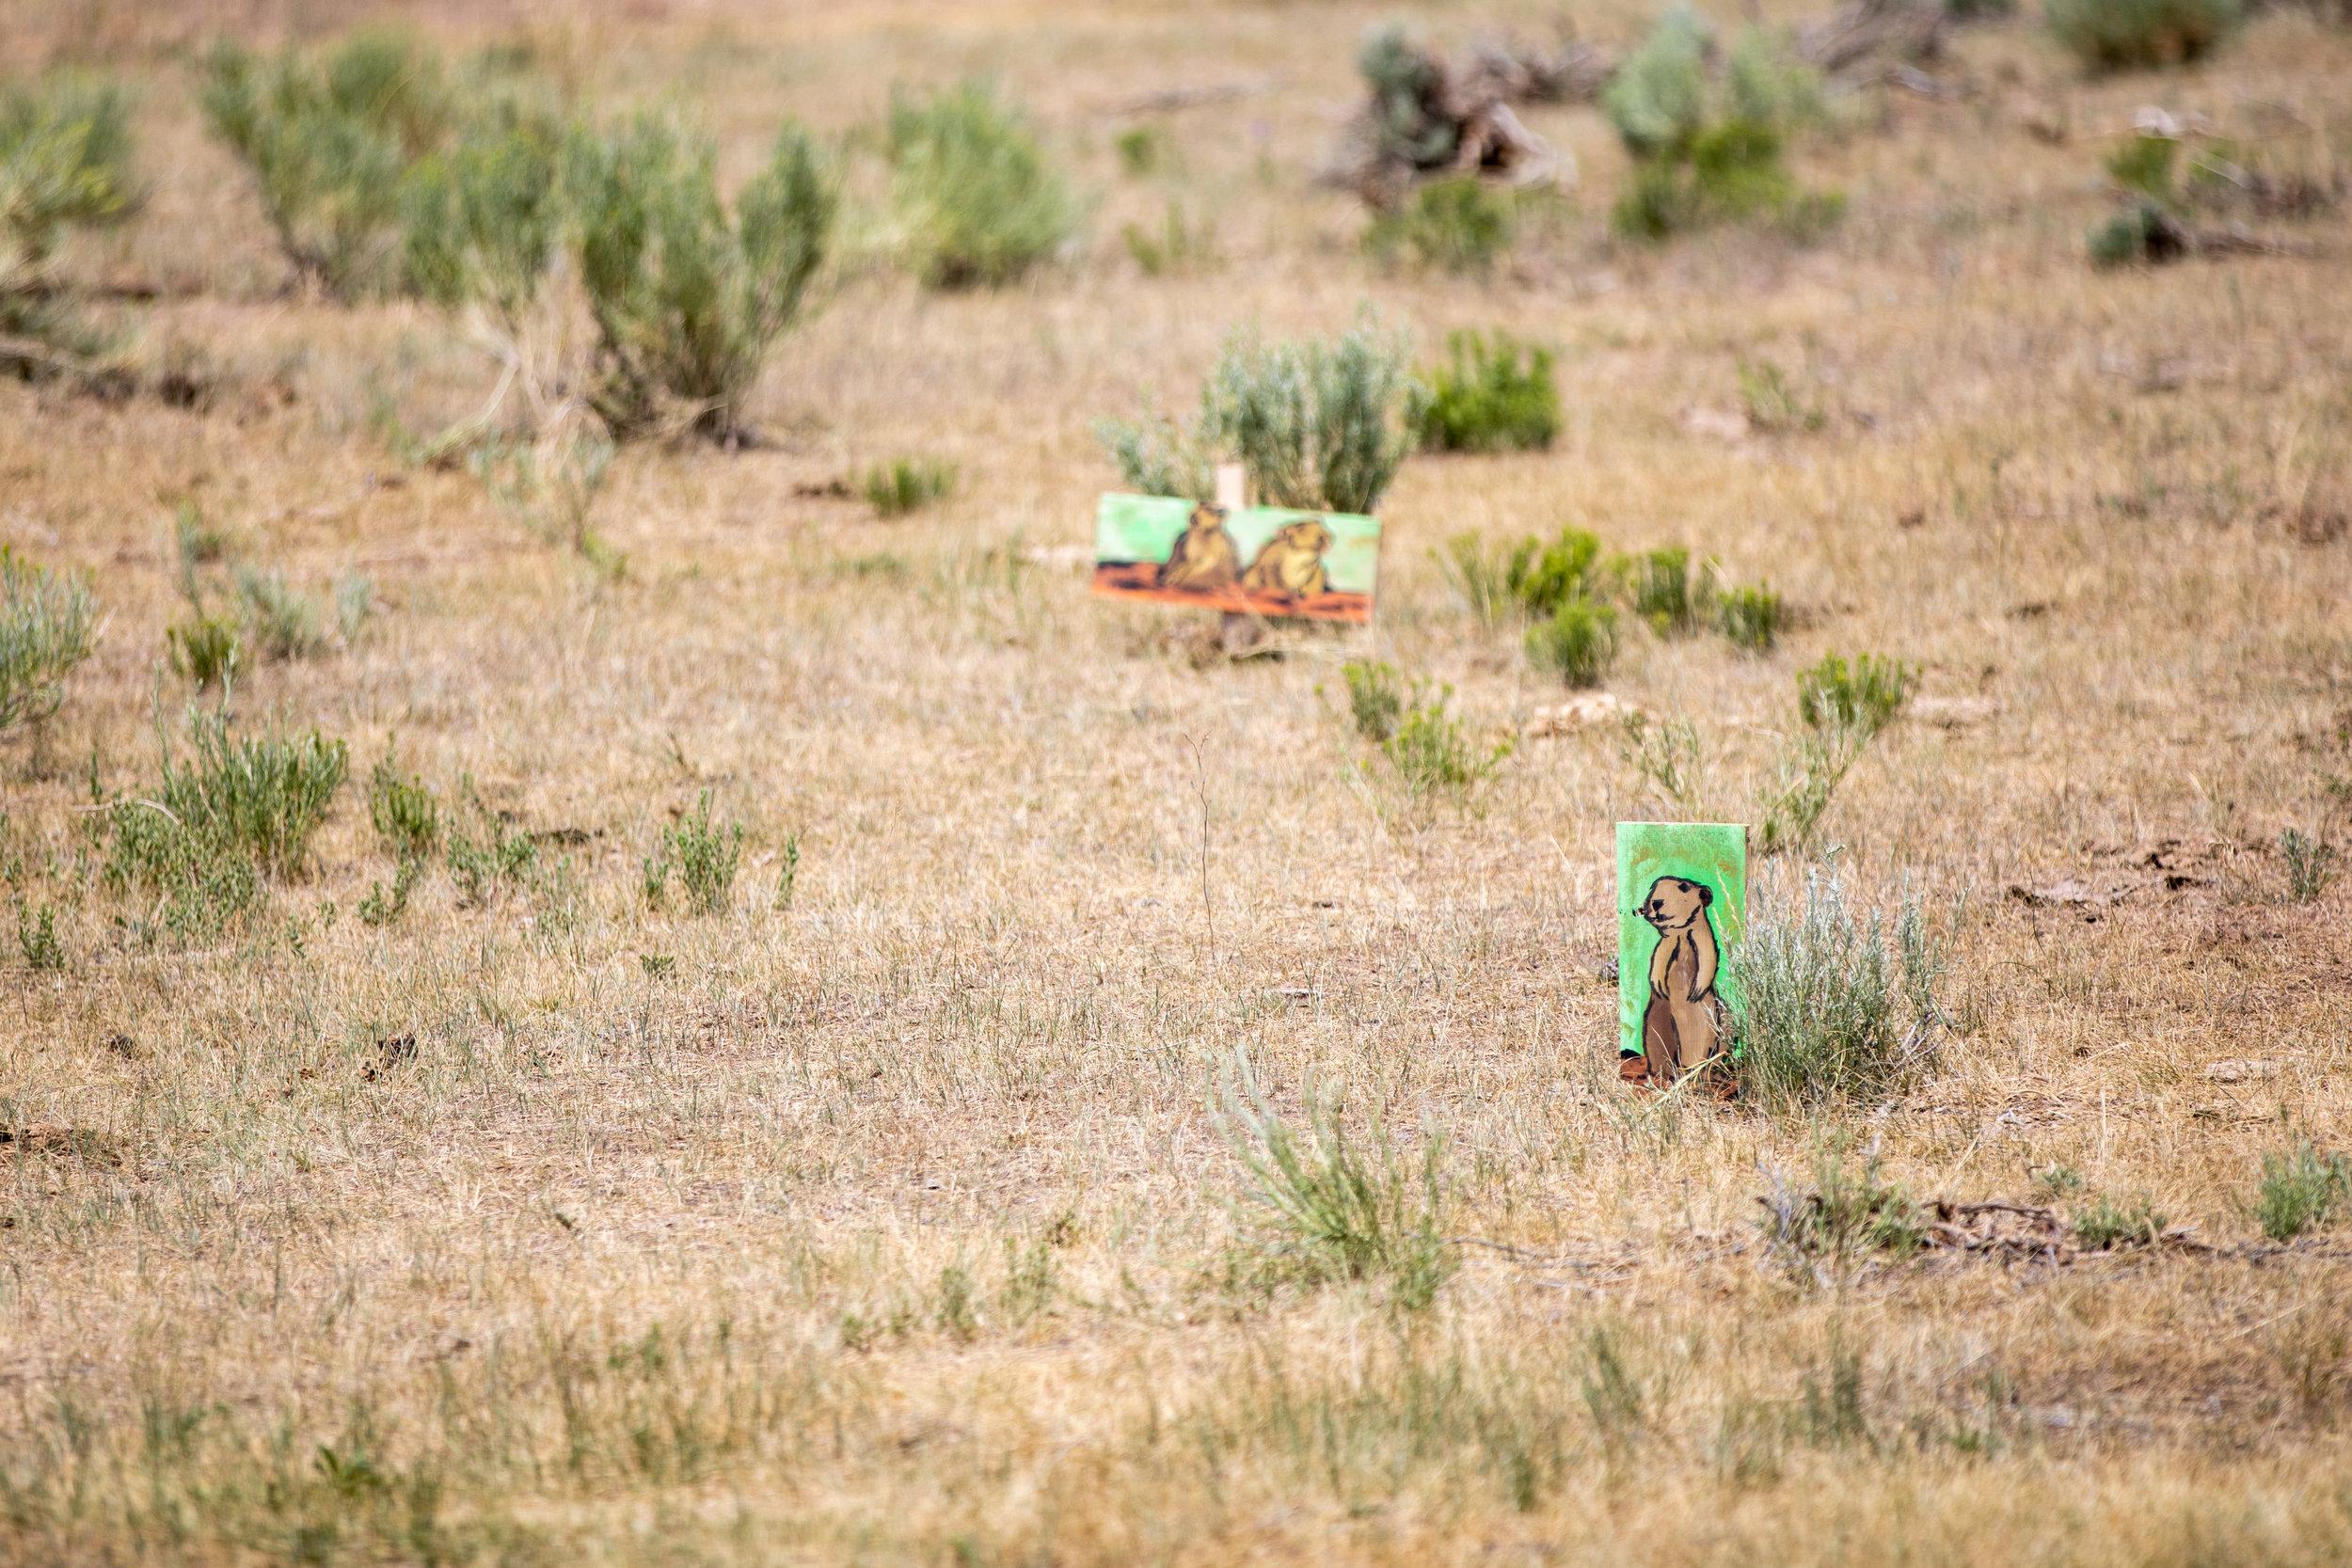 Shooting range setup pt. 2